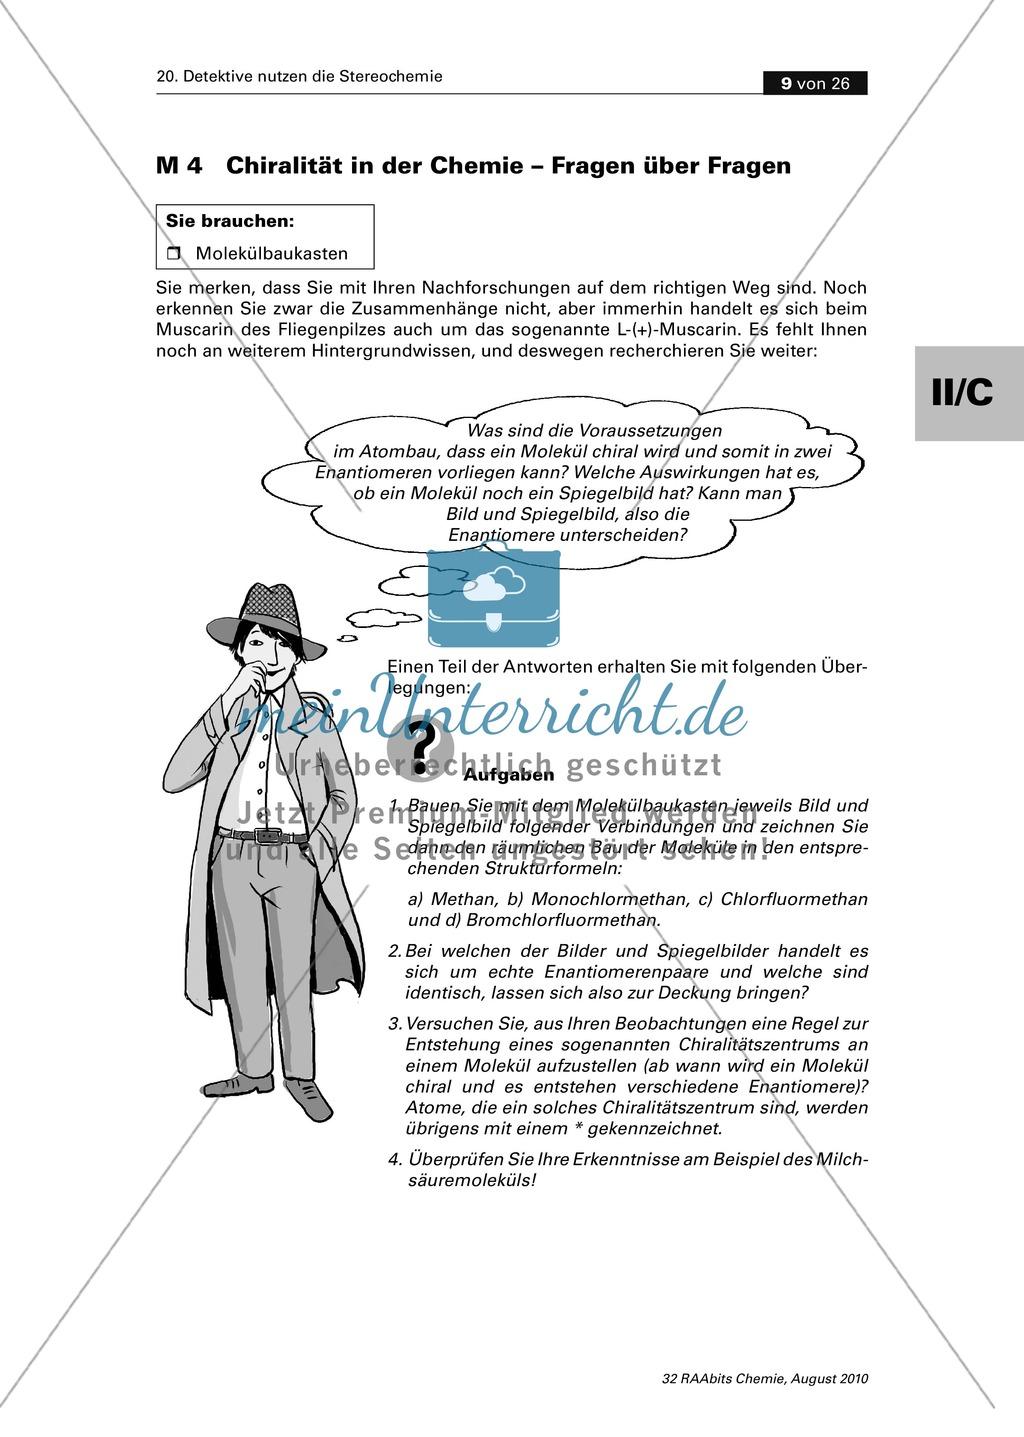 Die Stereochemie im spannenden Kontext: Aufklärung eines fiktiven ...